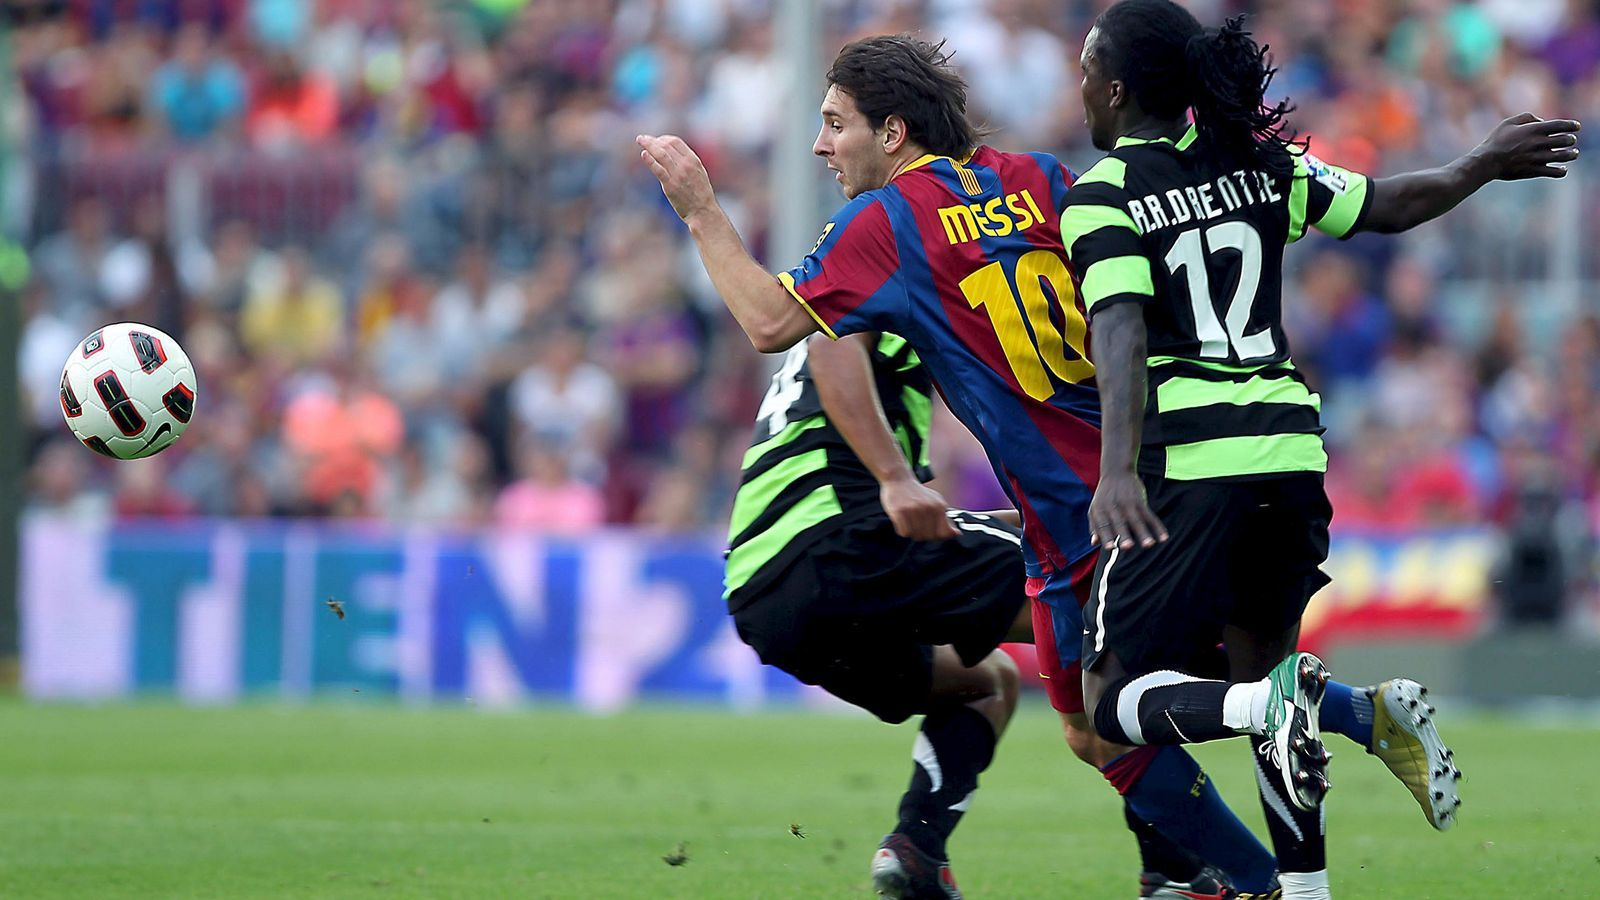 Messi intentant escapar-se de Drenthe durant el partit d'anada. El tècnic de l'Hèrcules, Esteban Vigo, ja ha perdonat Drenthe, que va estar-se uns dies sense donar senyals de vida enfadat perquè no cobrava. / XAVIER BERTRAL / EFE